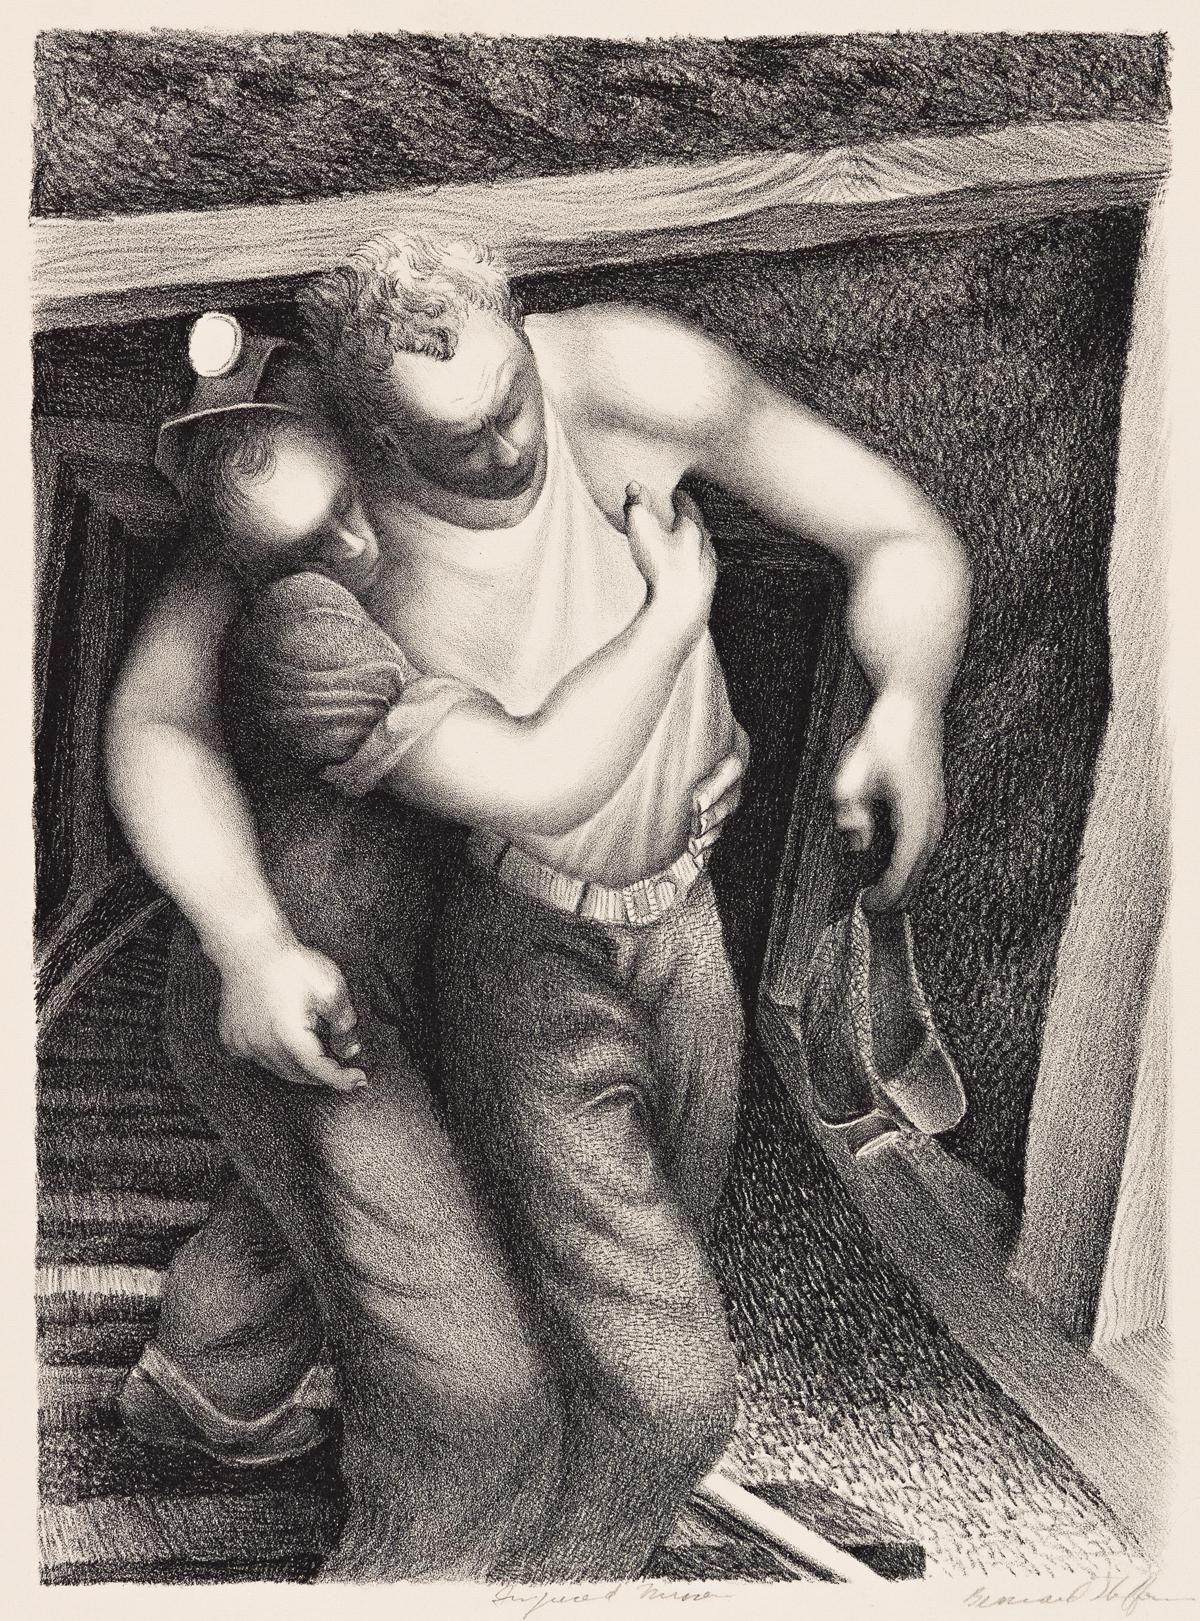 BERNARD STEFFEN (1907-1980) Injured Miner.